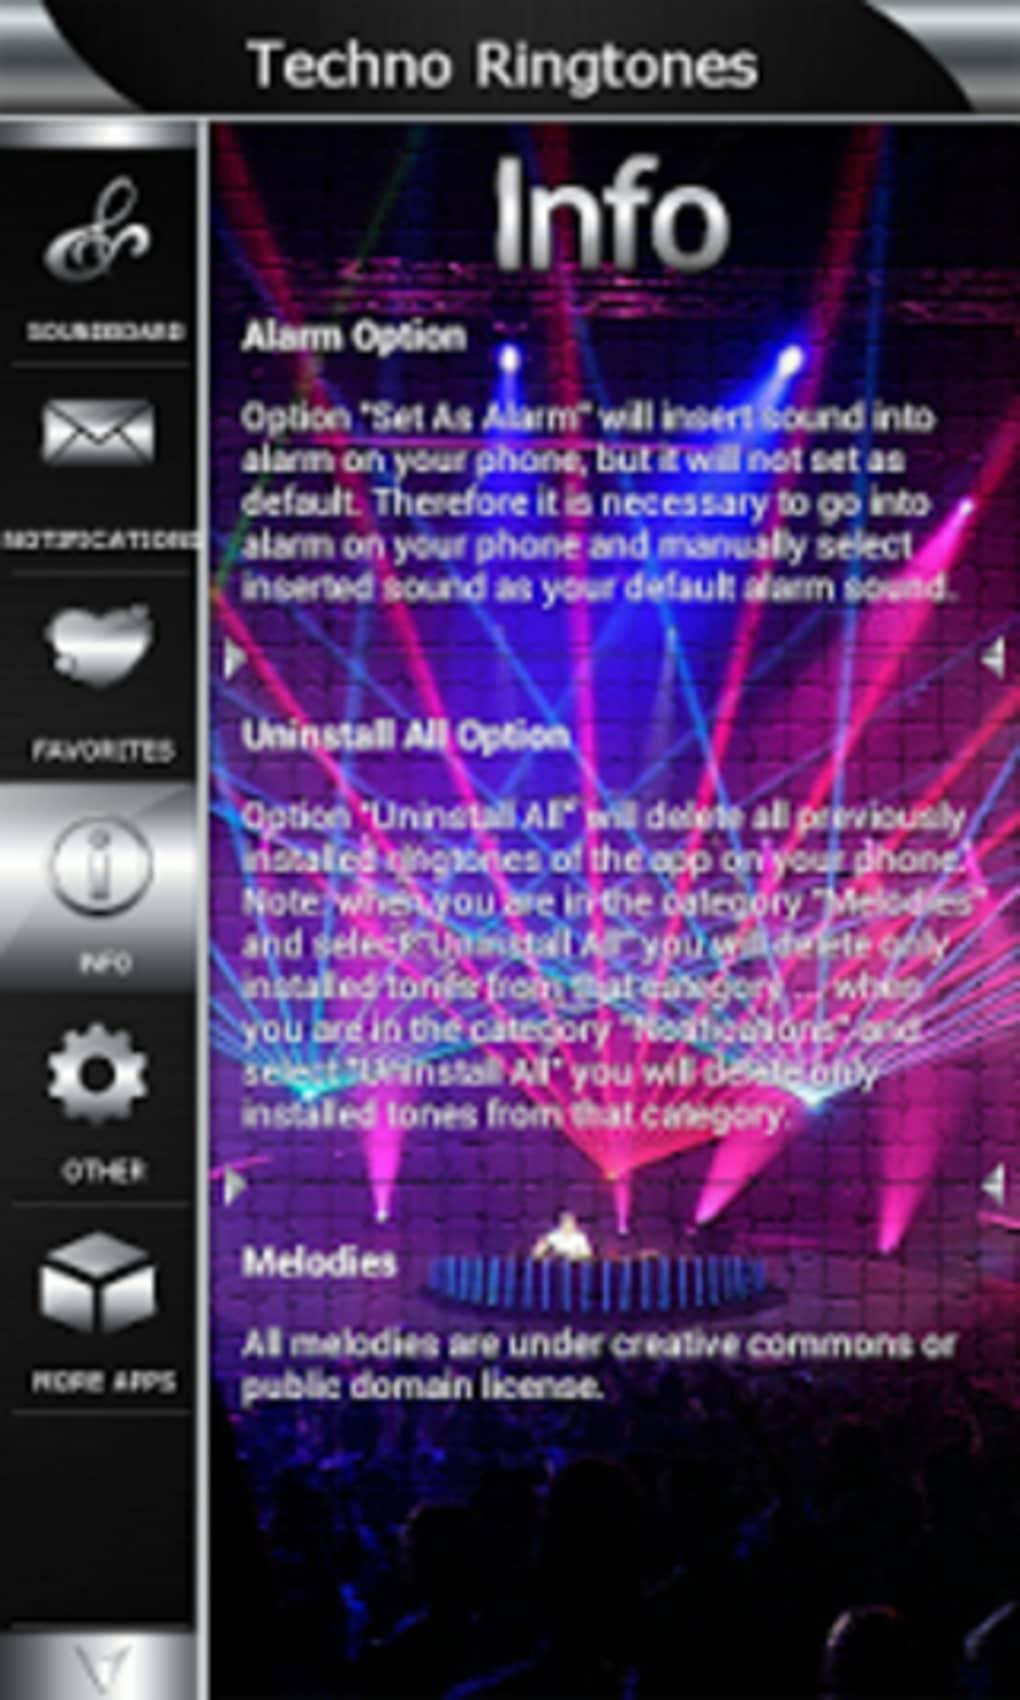 Techno Ringtones 1.2 Multimedia Androiddro